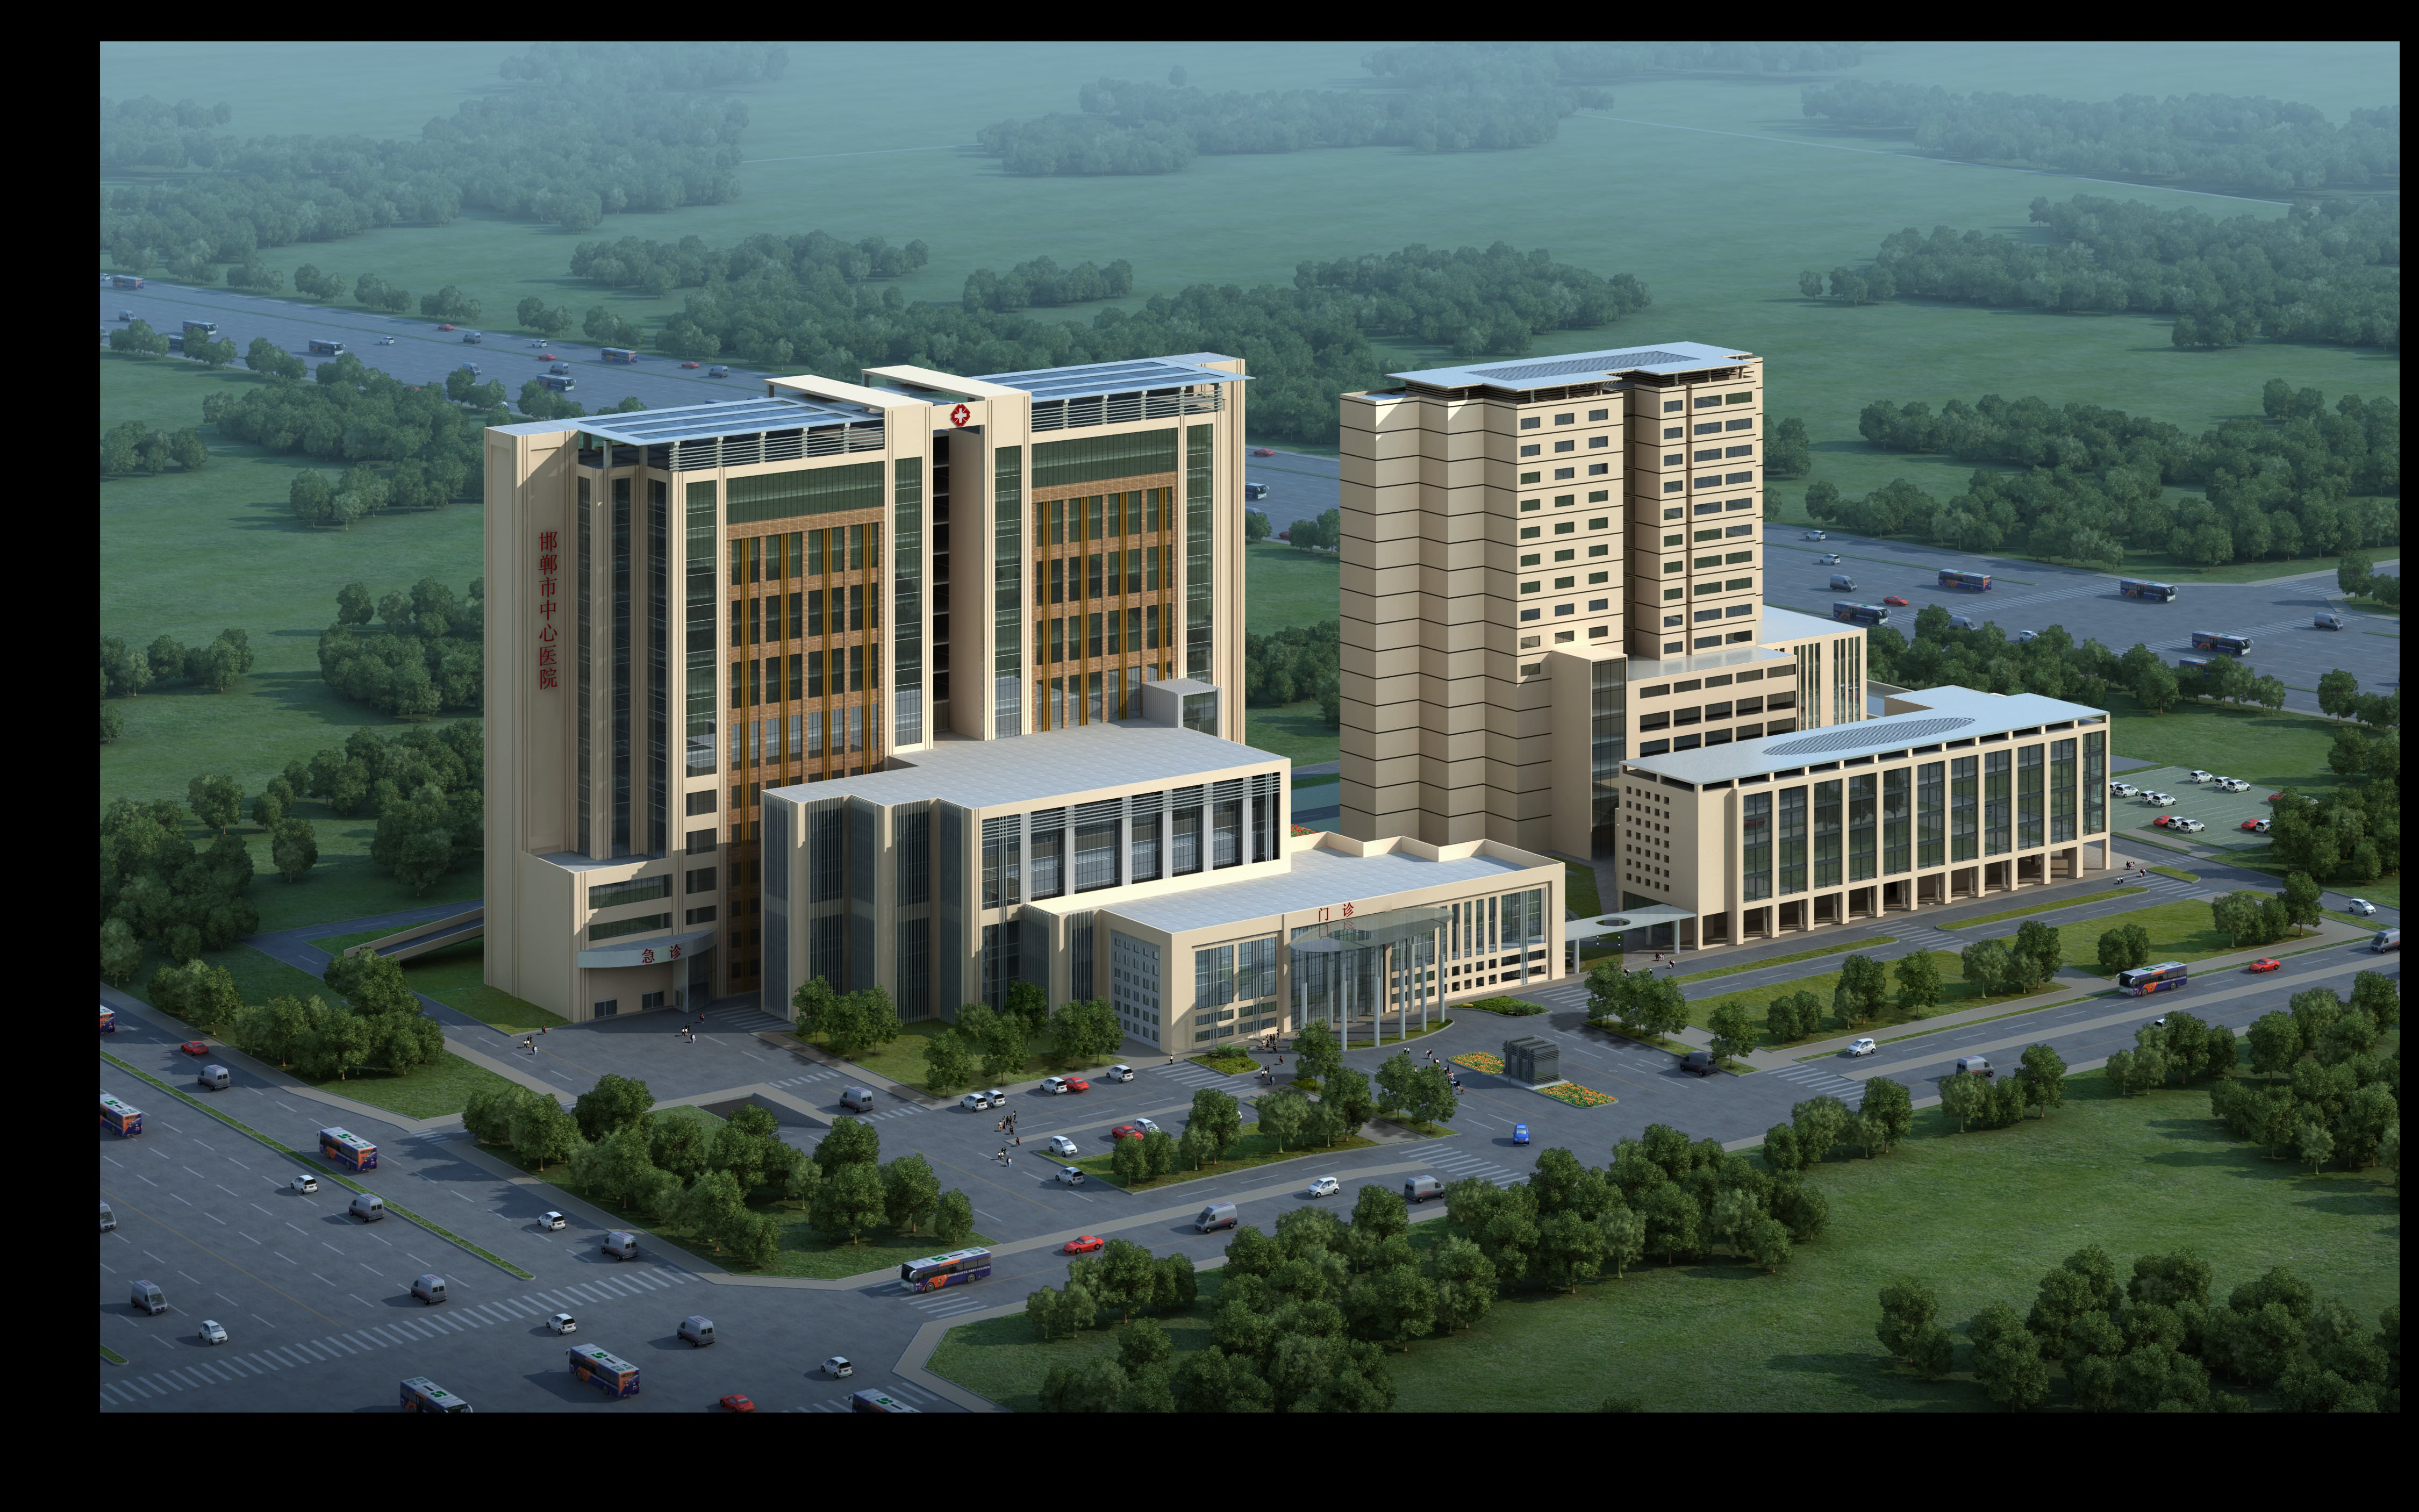 Modern hospital 3d model max for Exterior 3d model